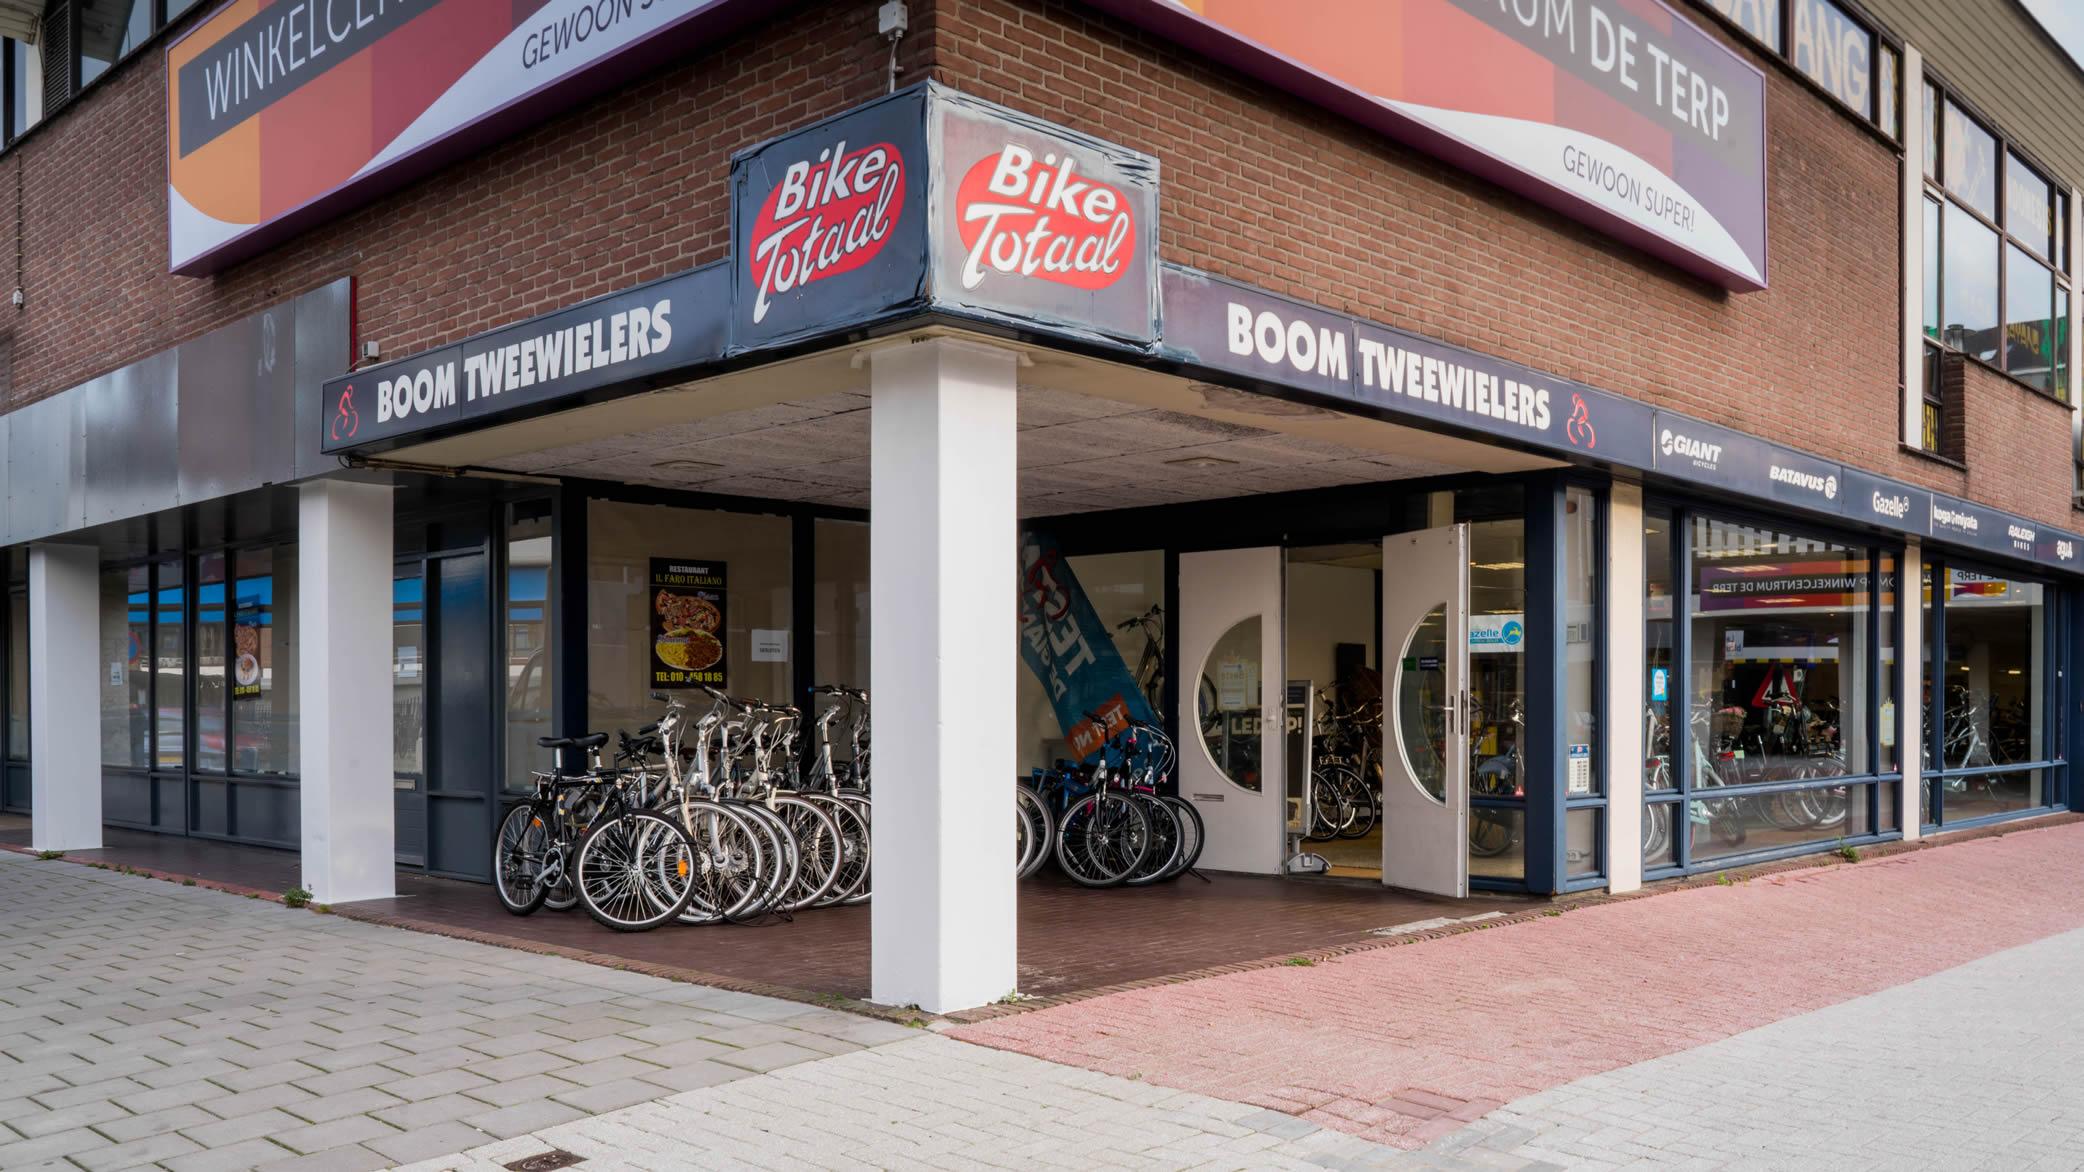 Winkelcentrum de Terp   Feestelijke heropening Boom Tweewielers